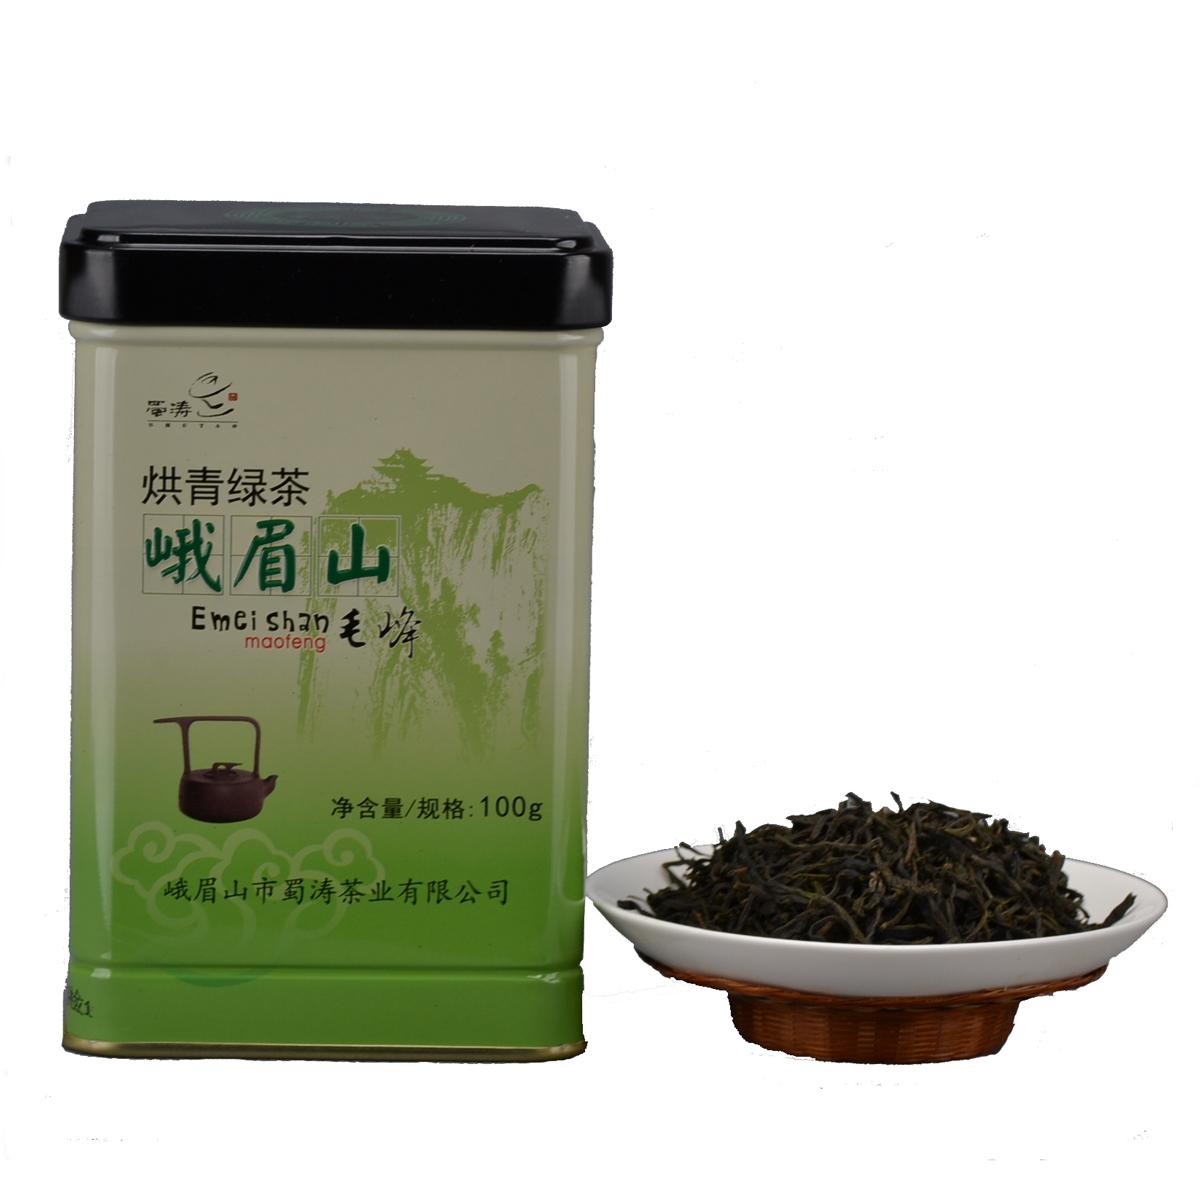 蜀�� 峨眉山 毛峰 100g 茶 茶�~ �G茶 2018年茶�~